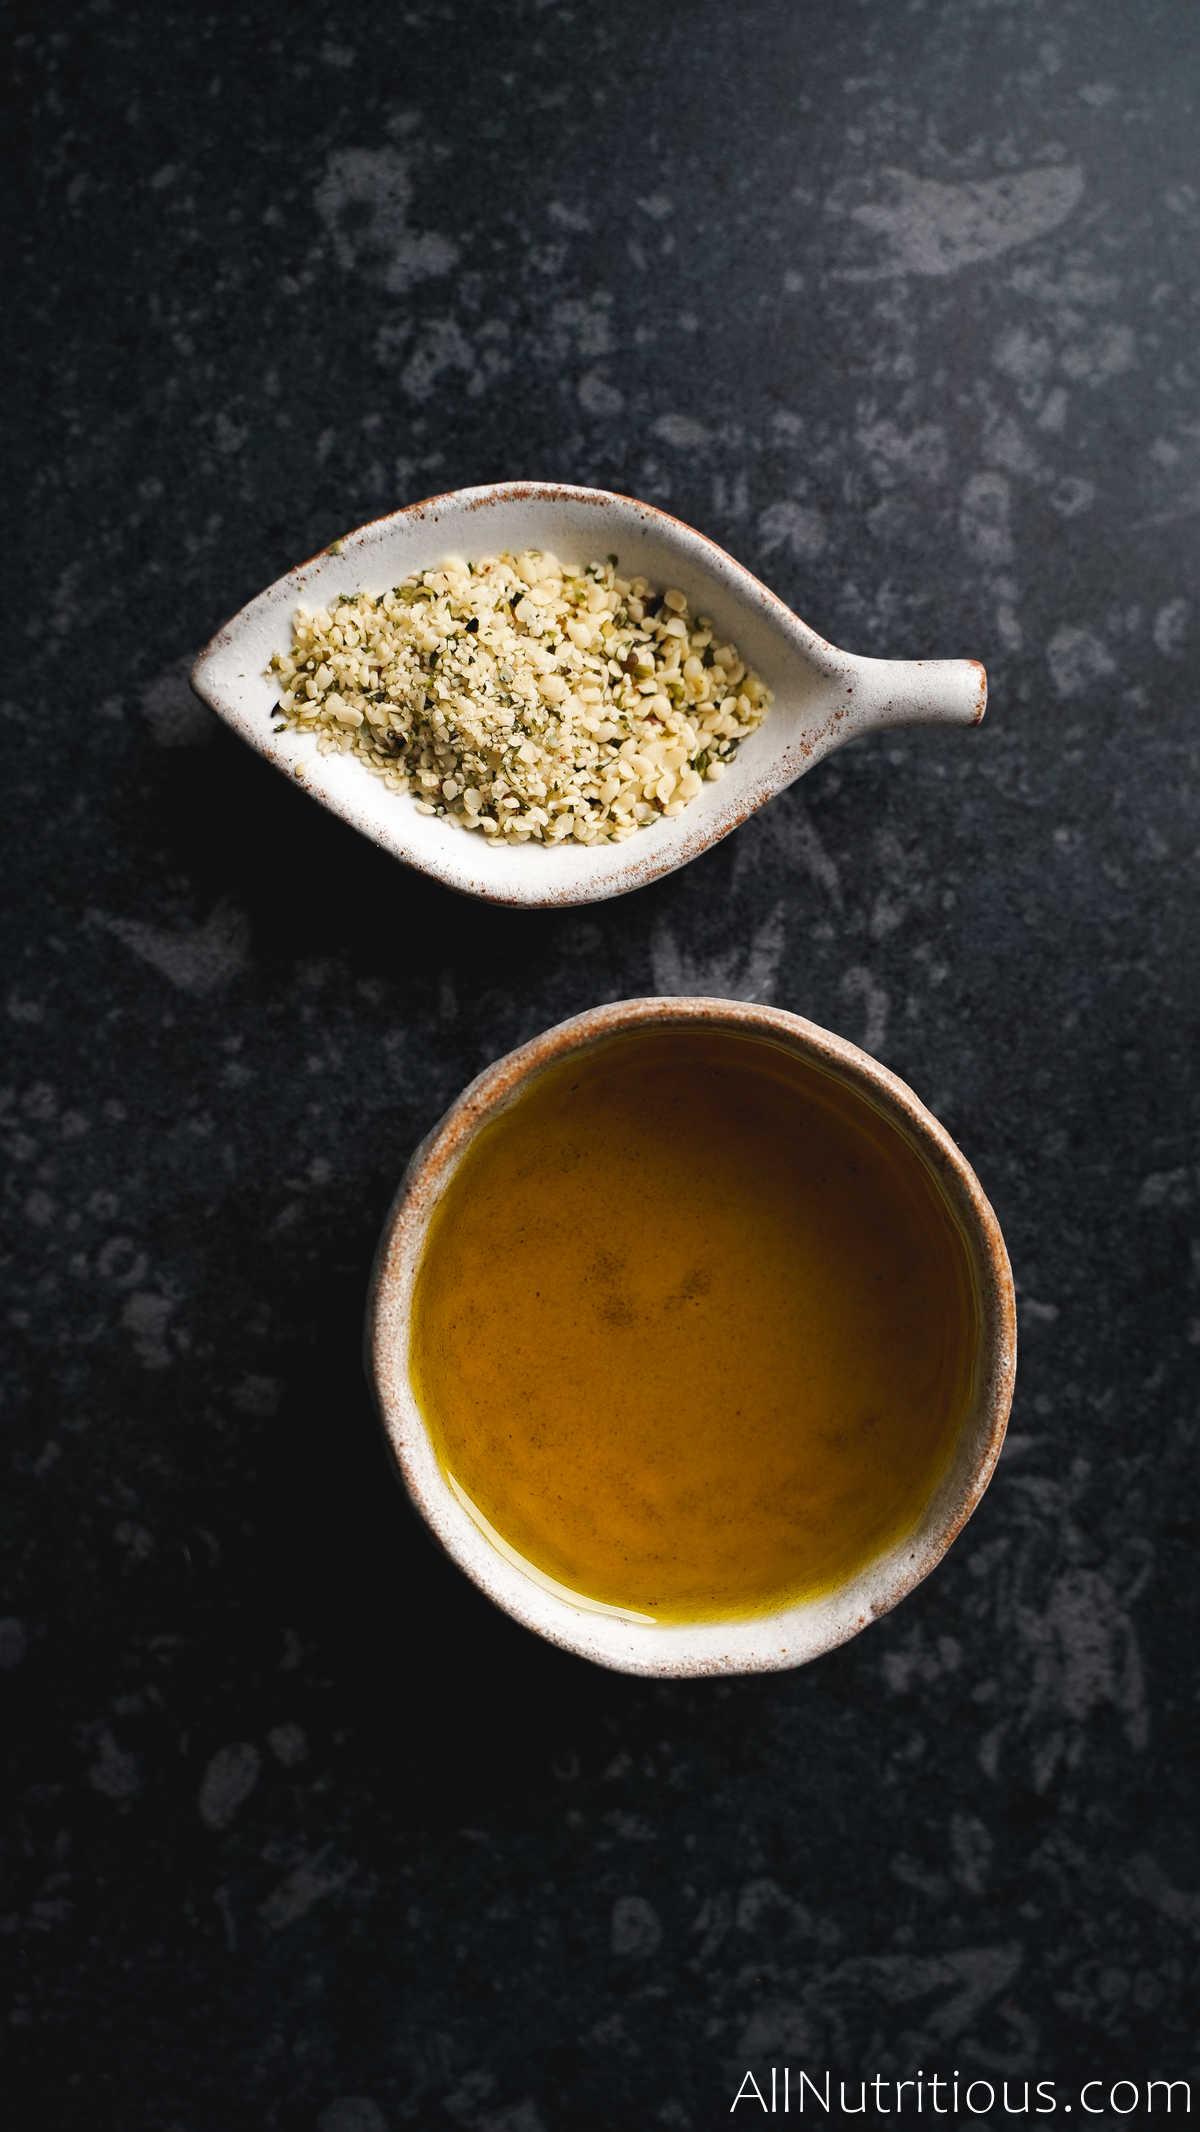 olive oil and hemp seeds